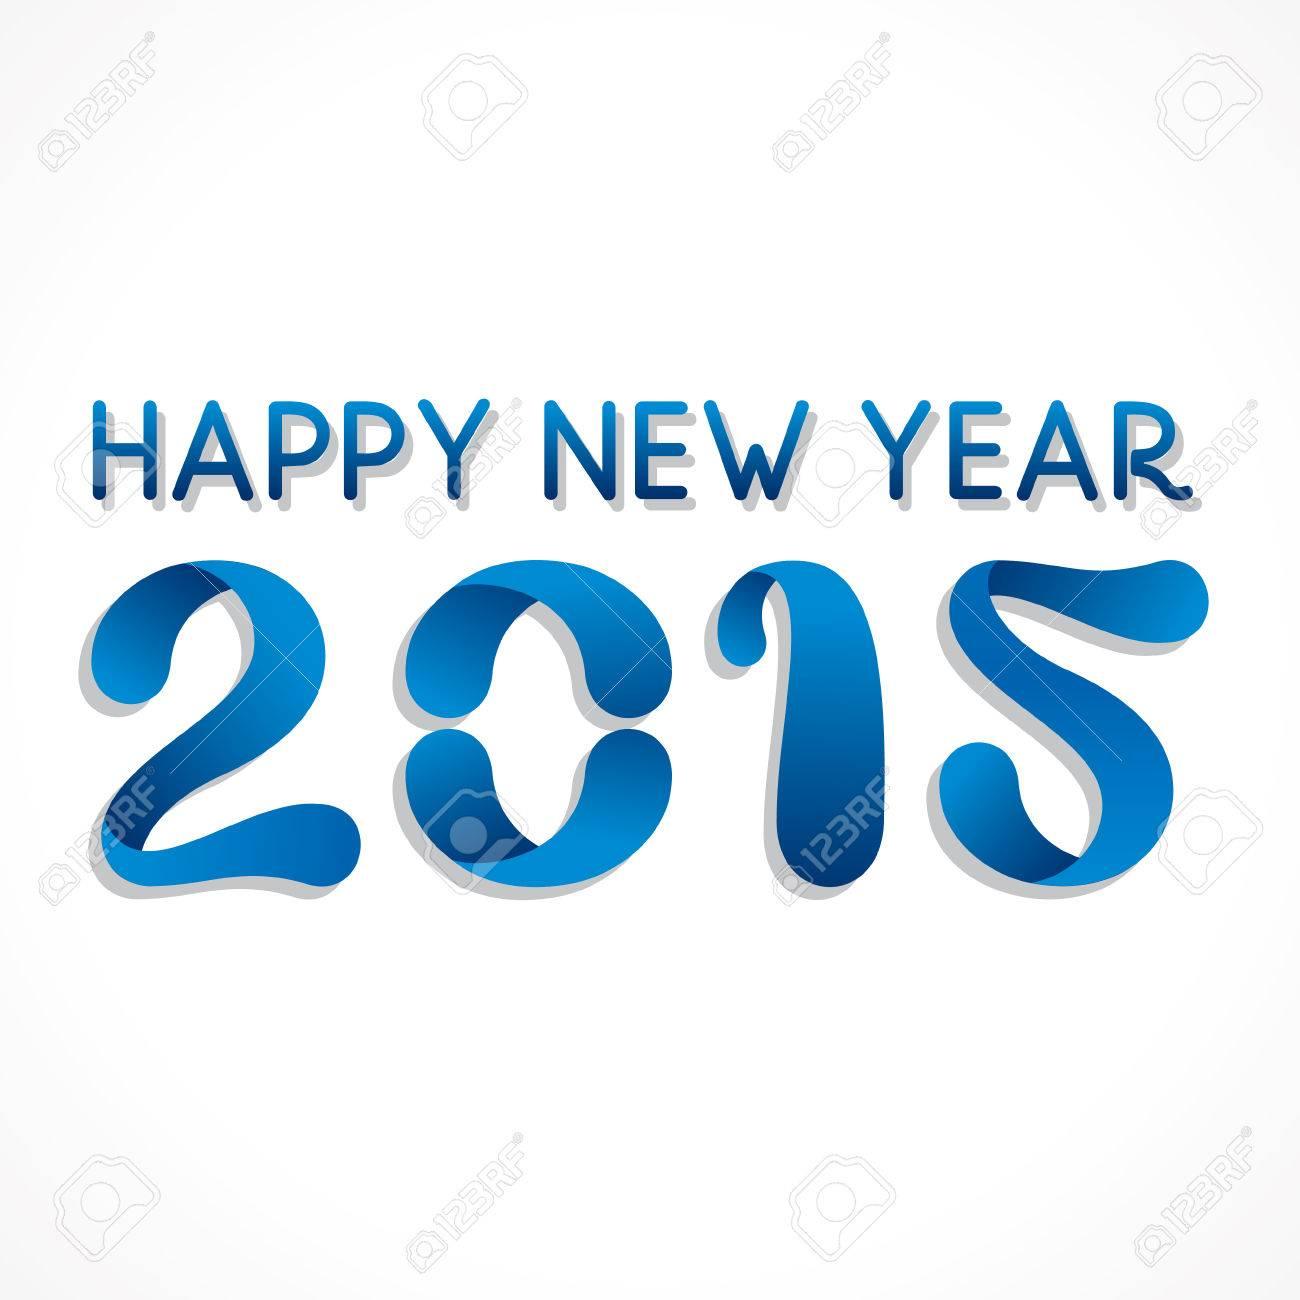 Frohes Neues Jahr Gruß 2015 Vektorgrafik Lizenzfrei Nutzbare ...